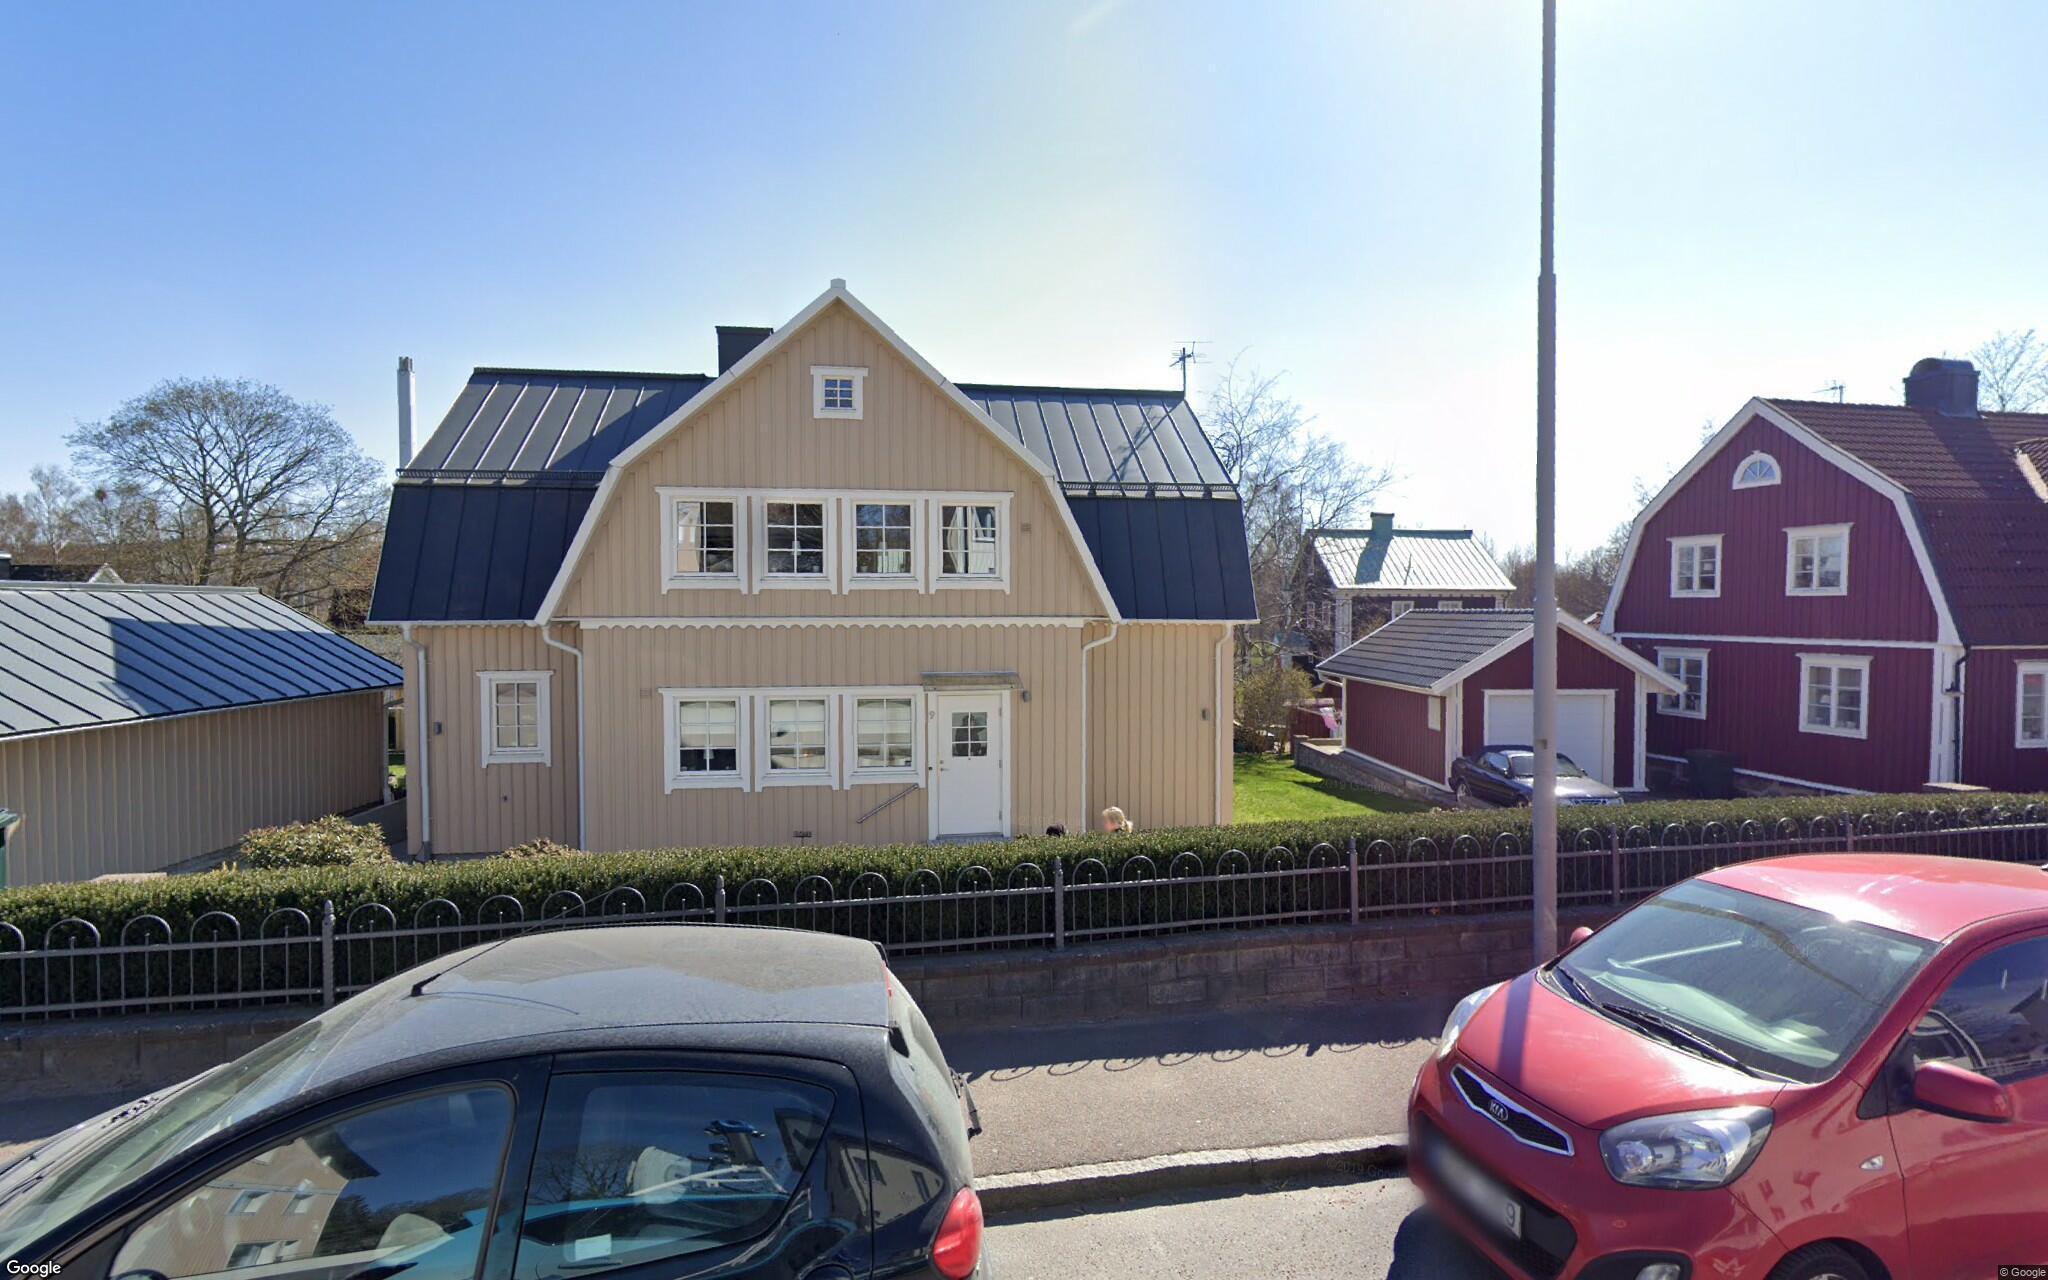 Hus på 197 kvadratmeter från 1927 sålt i Nylöse